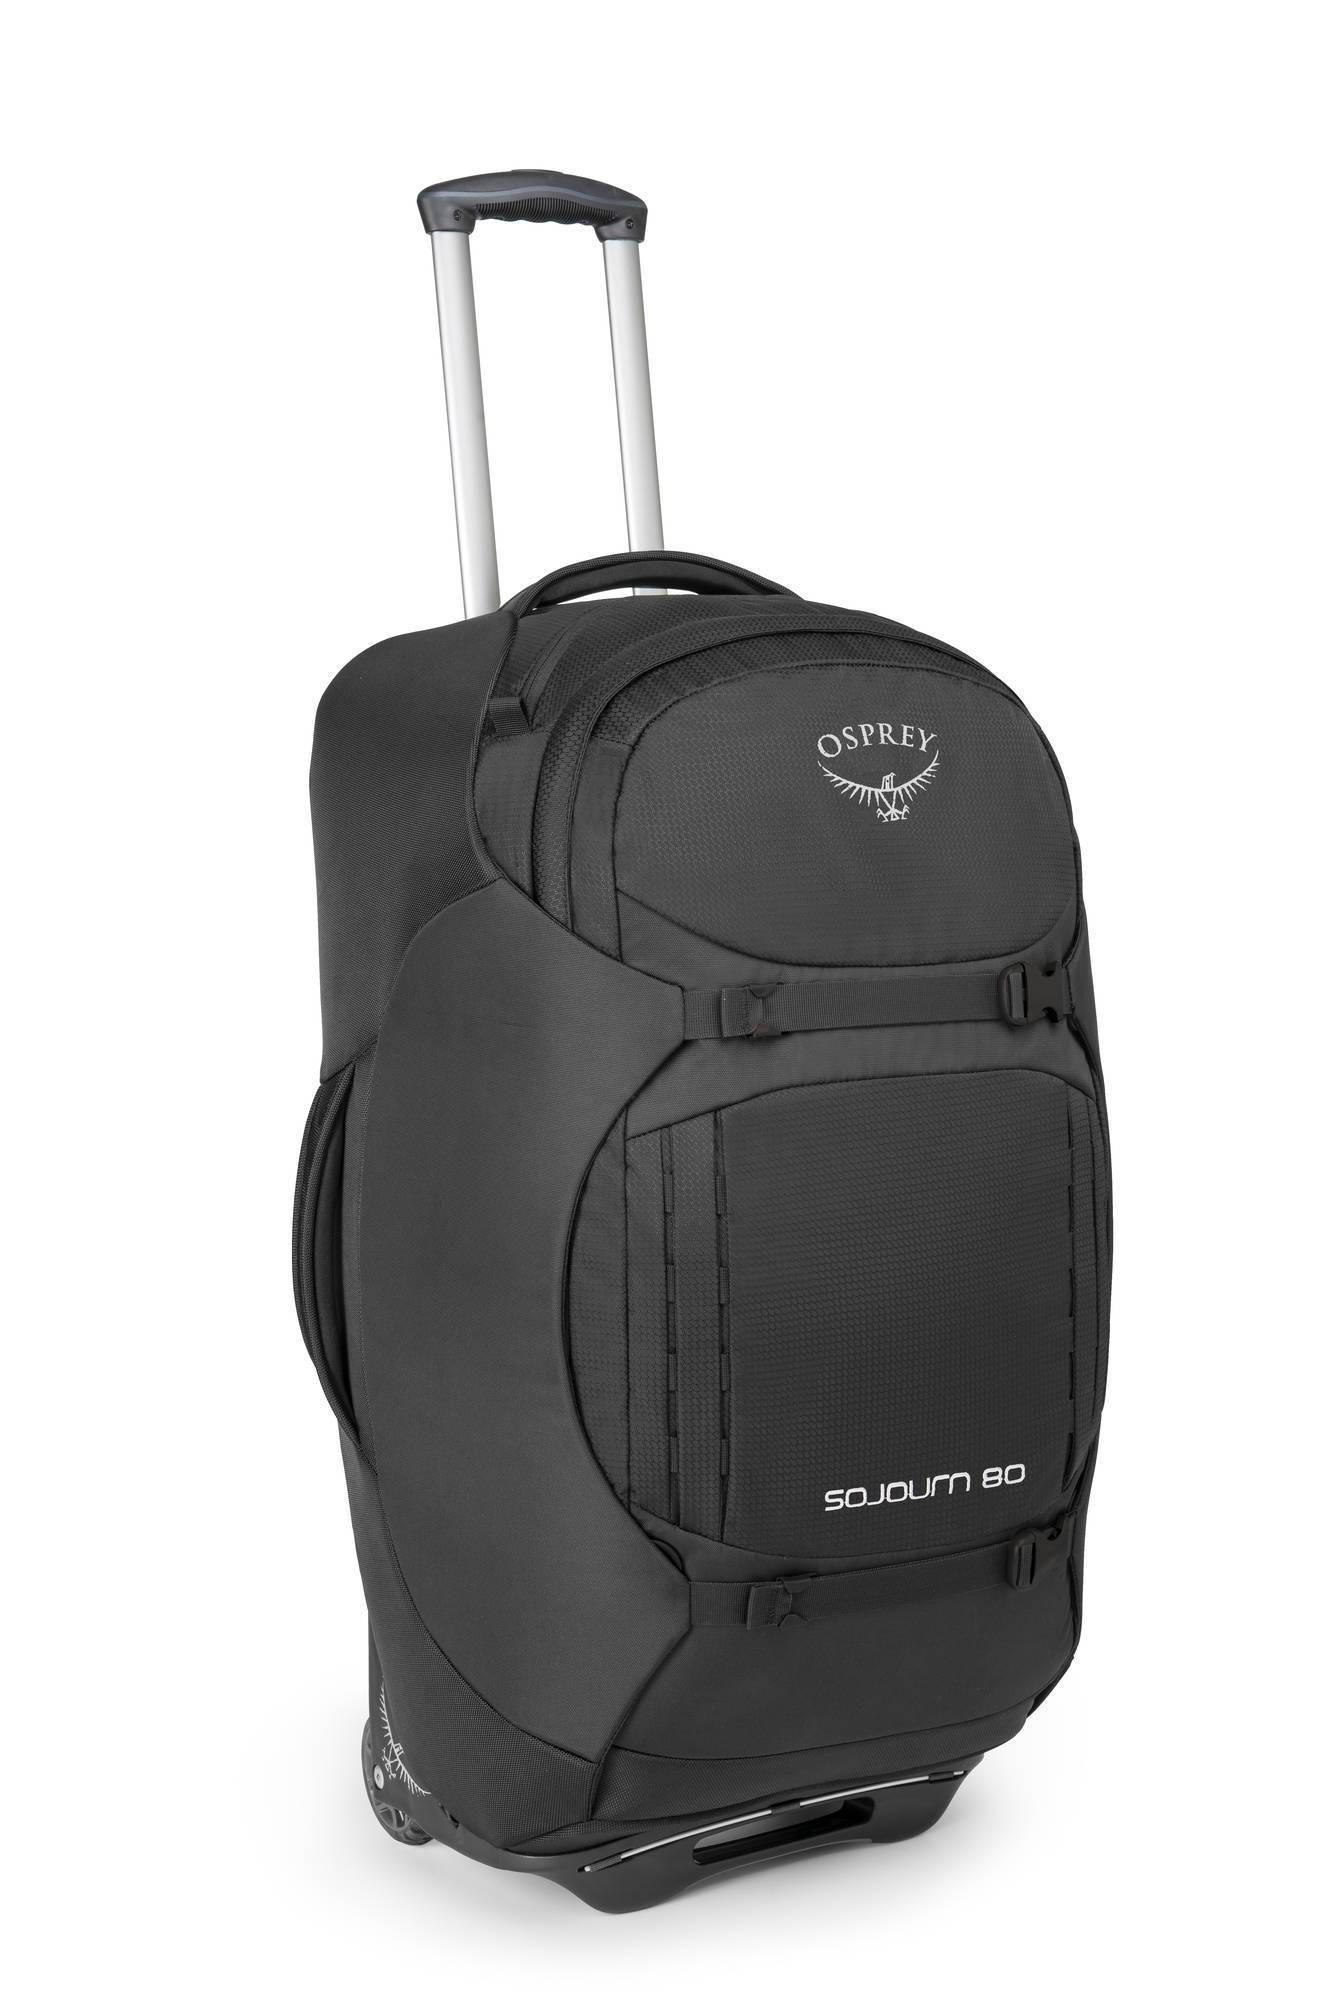 Сумки на колесах Сумка-рюкзак на колесах Osprey Sojourn 80 Sojourn_80_HandleUp_Side_Flash_Black_web.jpg